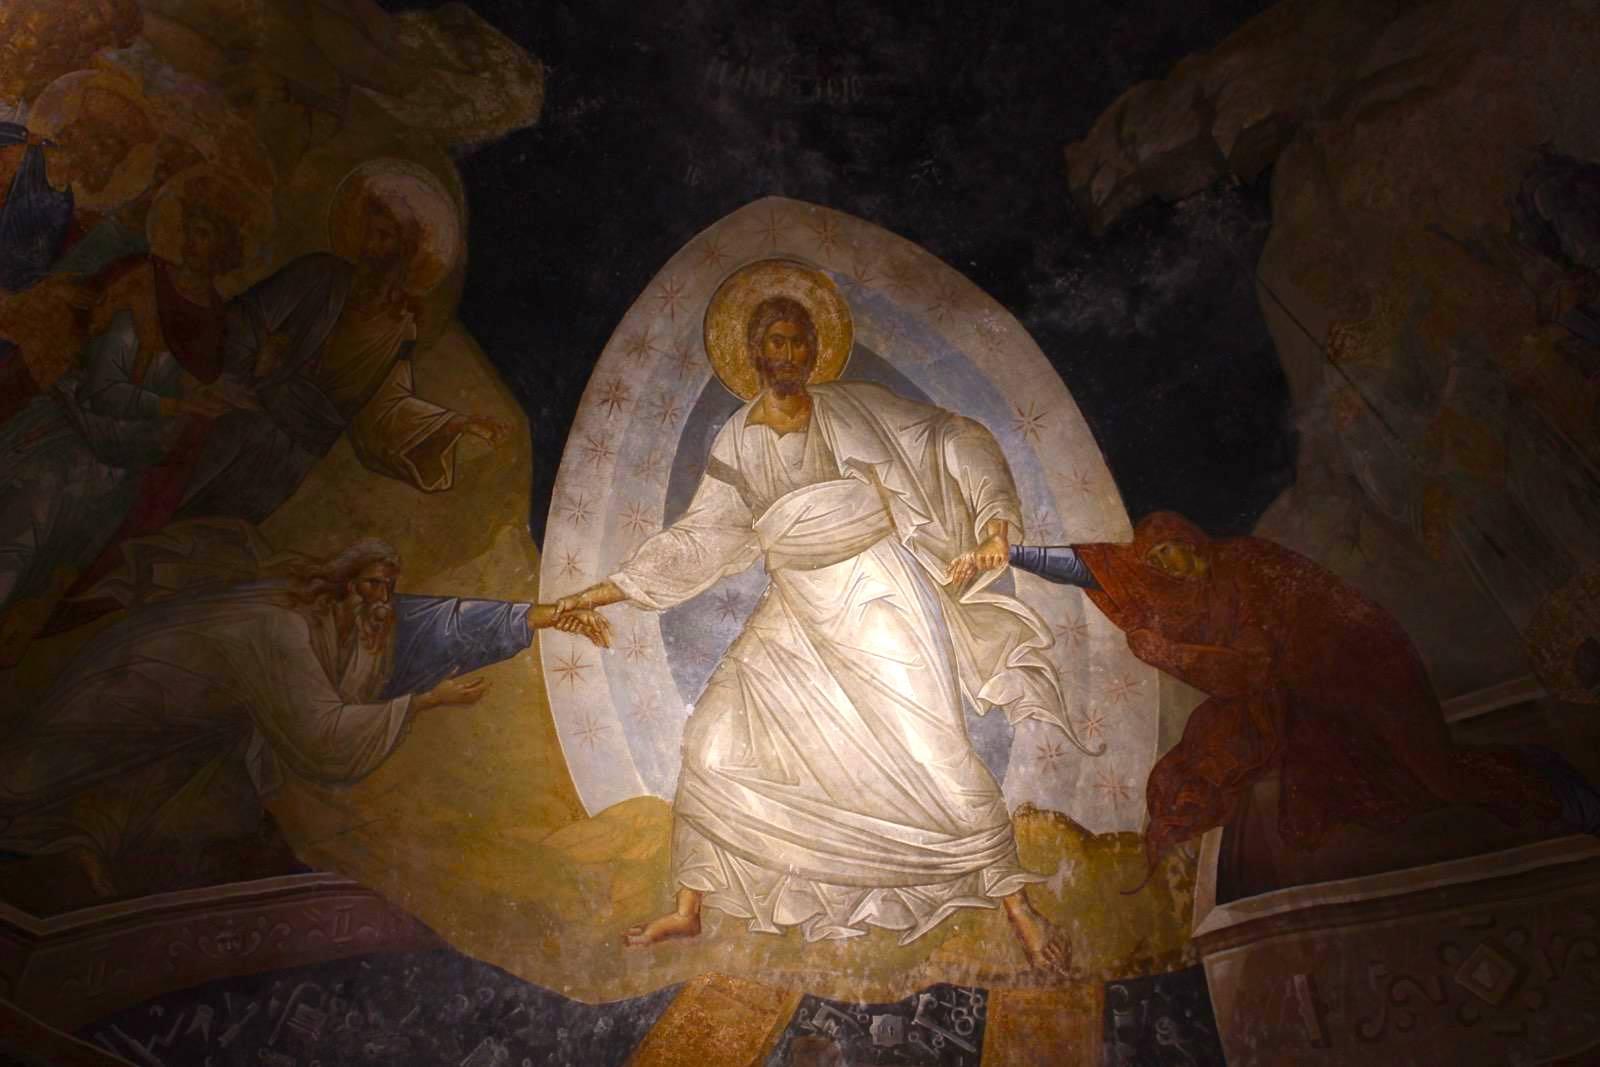 Détail de la fresque LAnastasis (Résurrection) dans l'église du Saint-Sauveur-in-Chora (Kariye Camii) à Istanbul ]